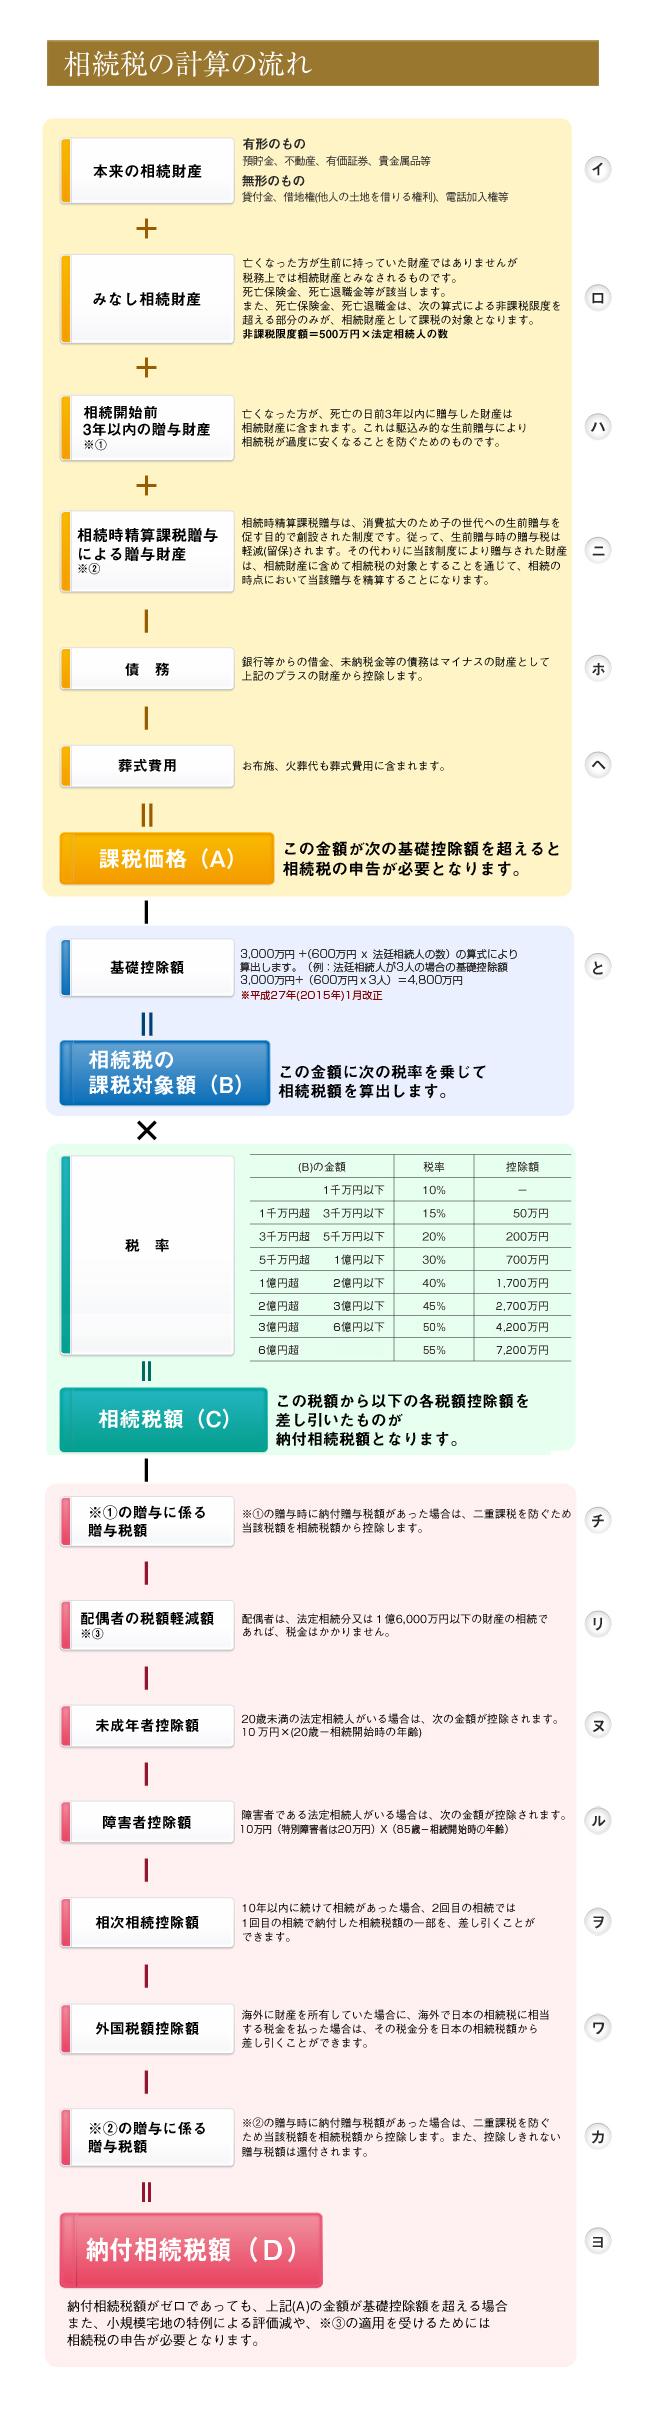 相続税計算の流れ(平成27年 税制改正後)